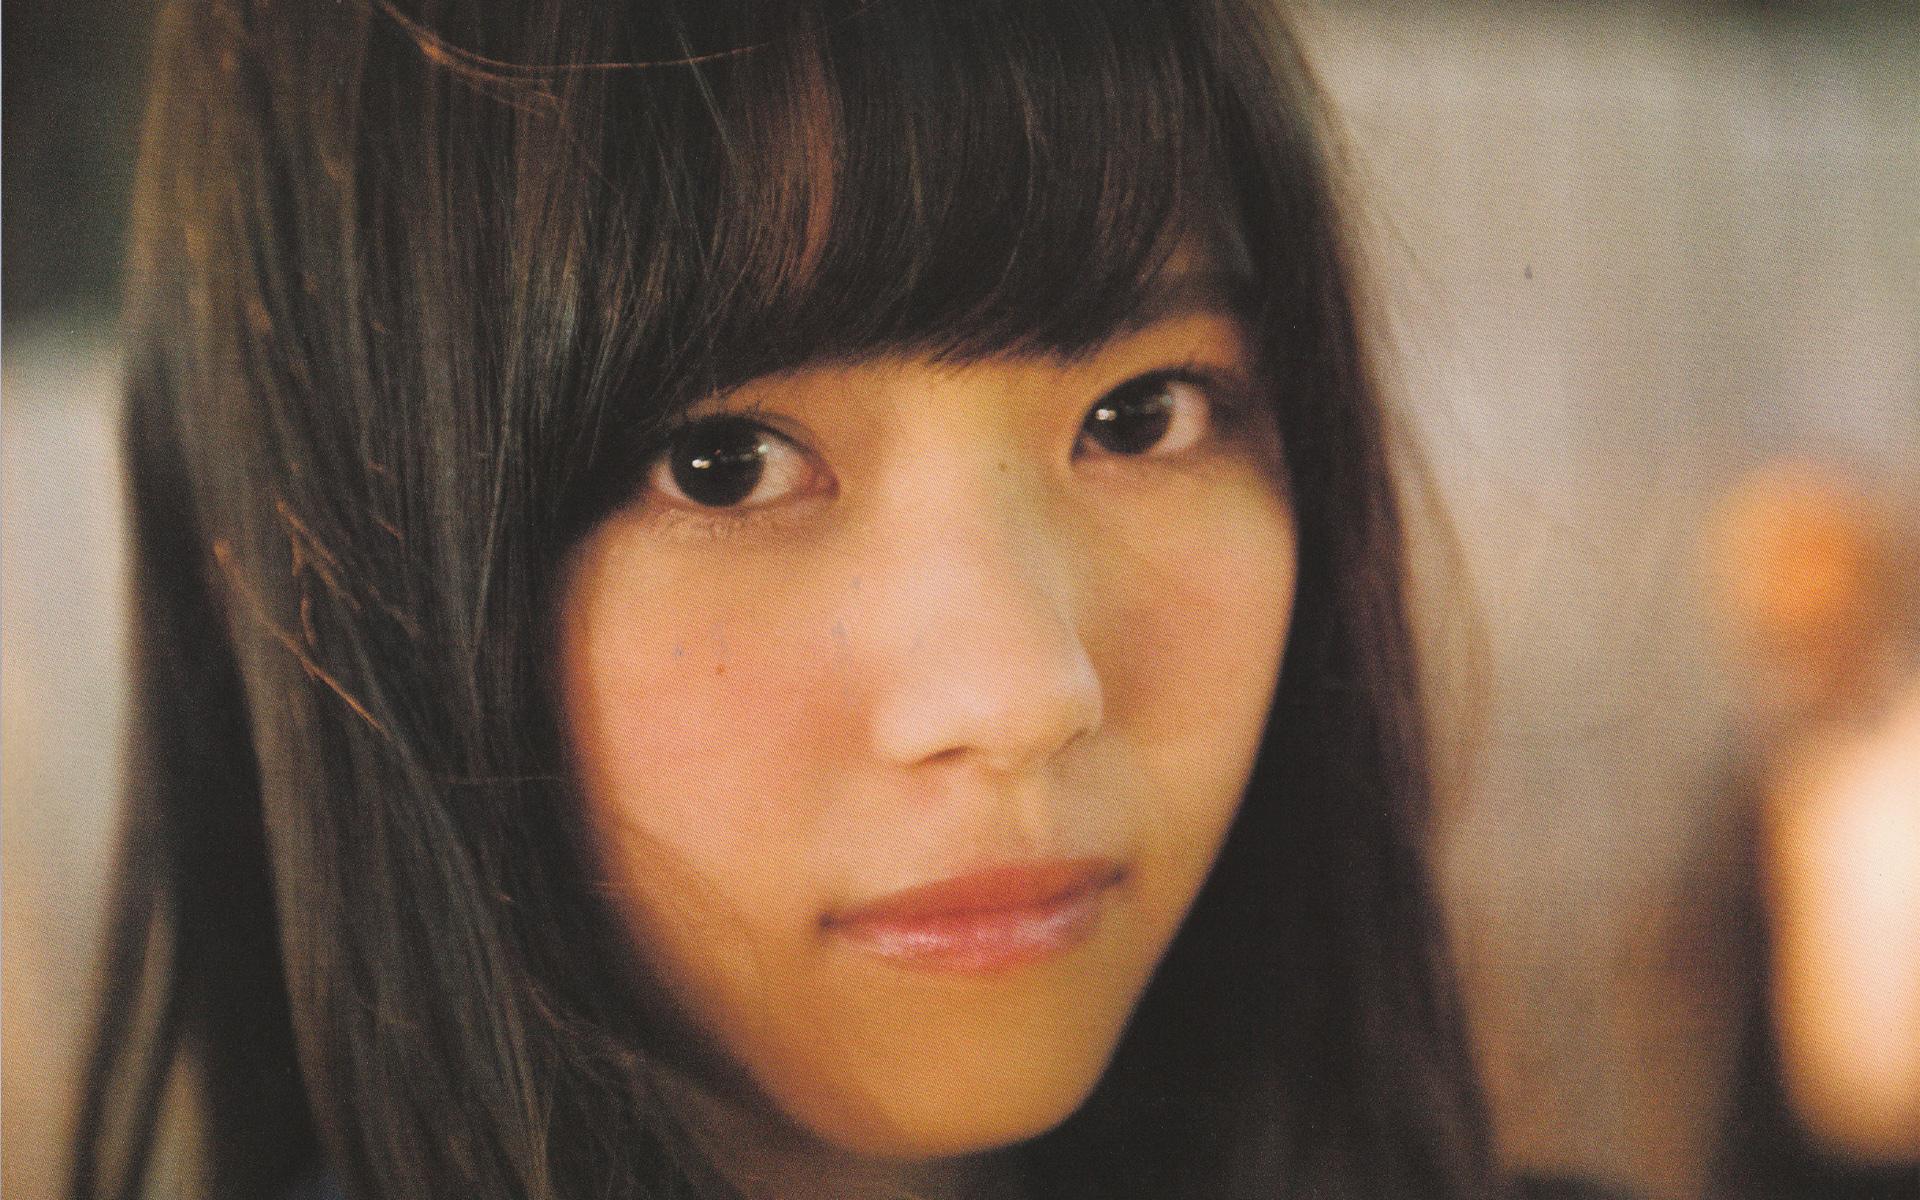 西野七瀬yukikax中学生投稿画像152枚